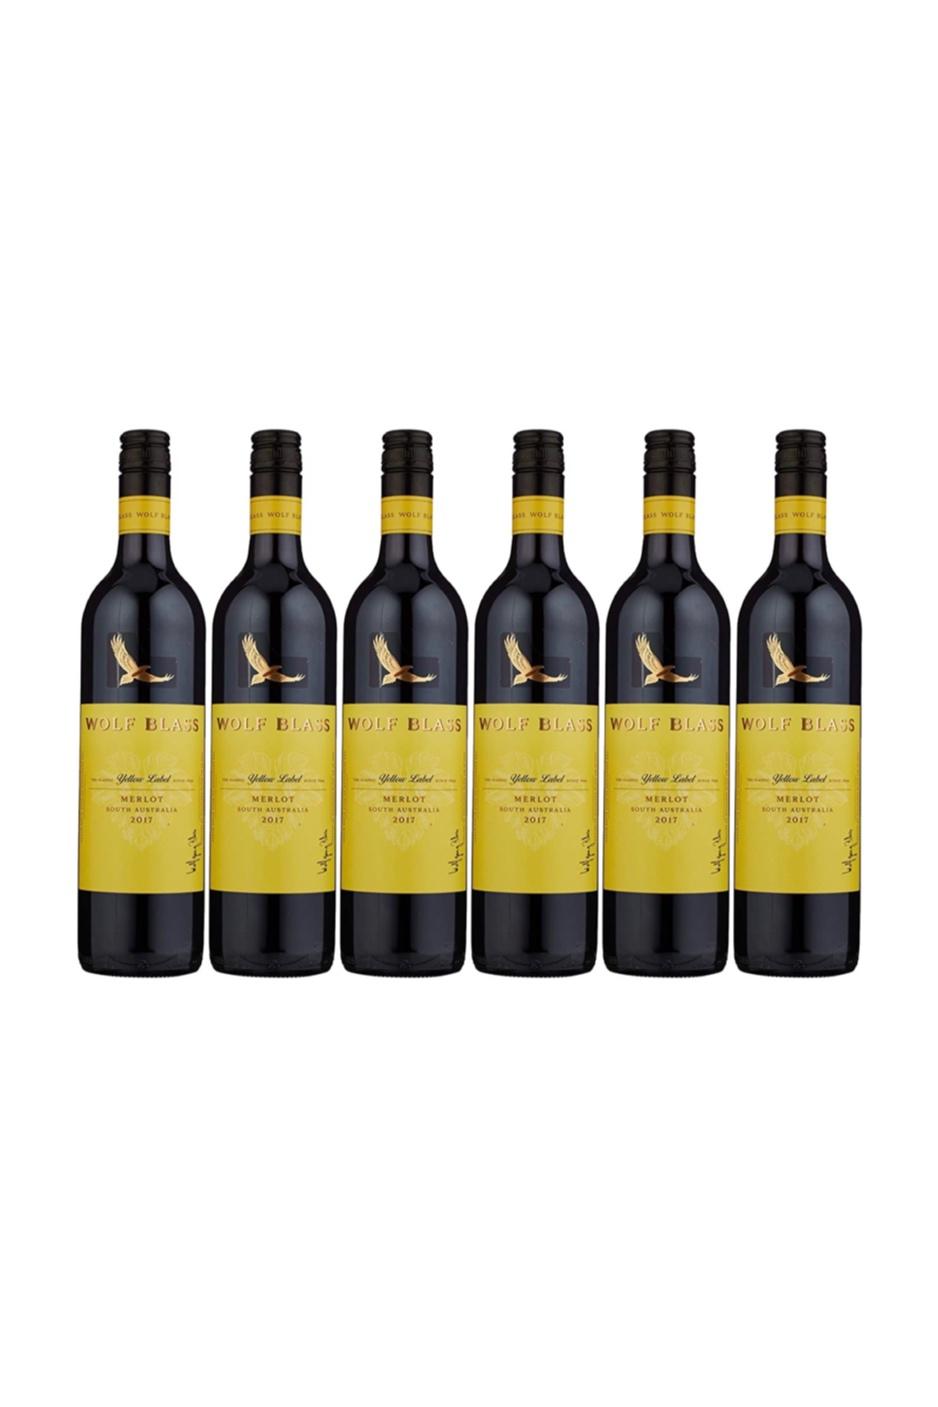 1 Case of Wolf Blass Yellow Label Merlot (6 bottles) with 3 FREE Bottles of KWIRK BELGIUM Craft Beer worth $13.50!